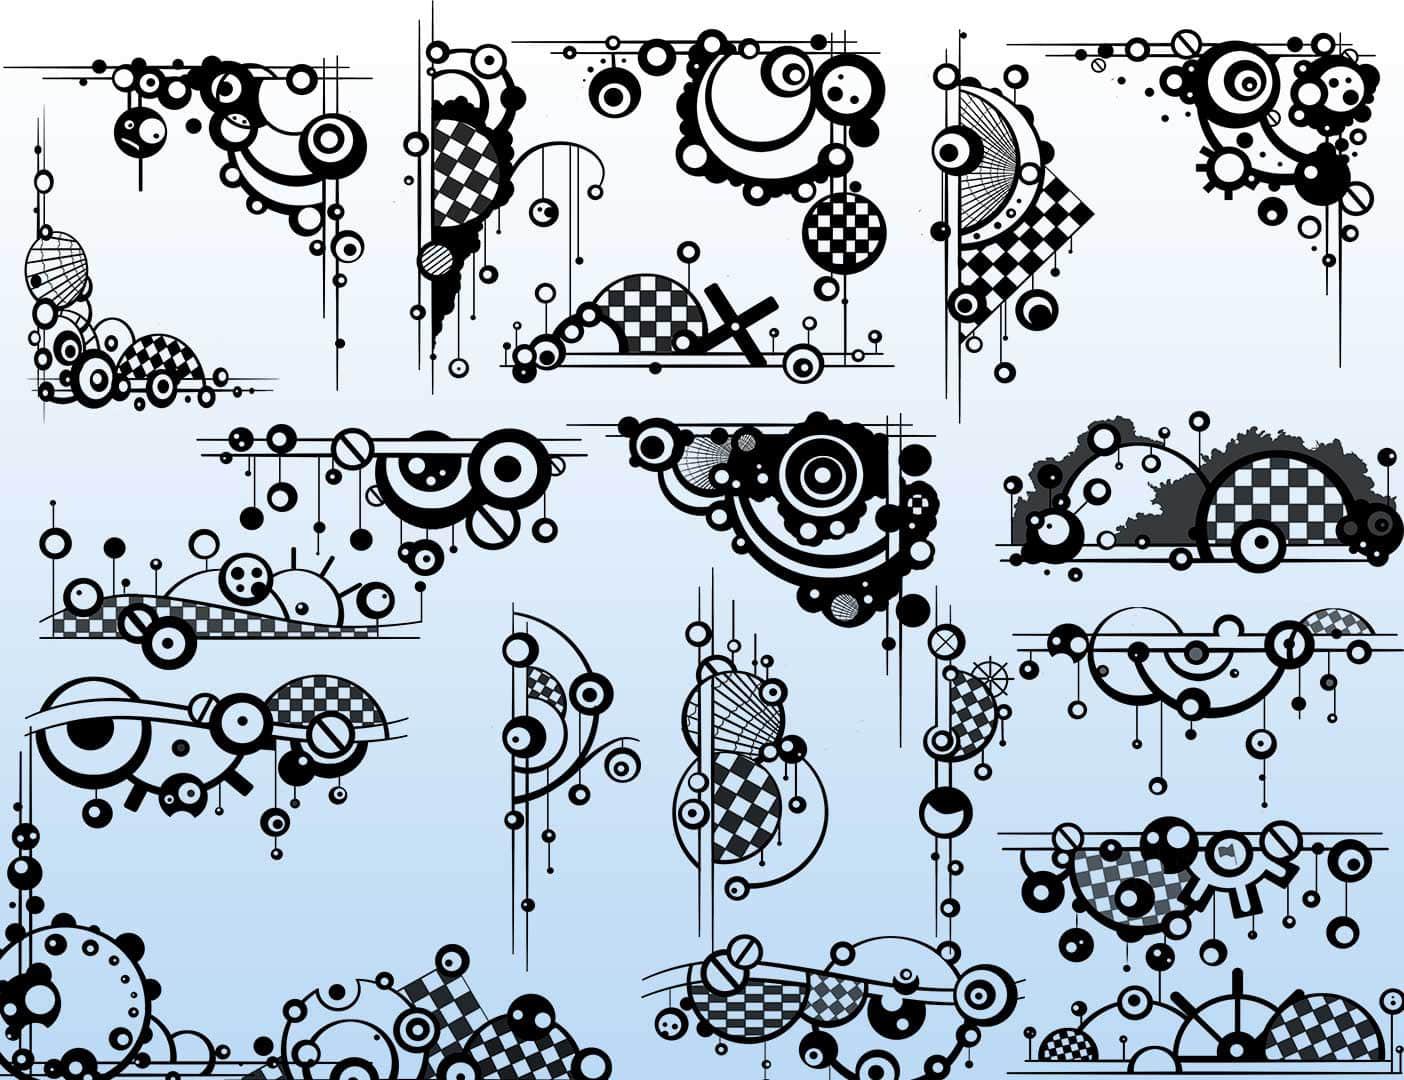 30个非主流时尚艺术边框、潮流边界PS笔刷下载 非主流边框笔刷 边框笔刷 潮流笔刷 时尚边界笔刷  adornment brushes